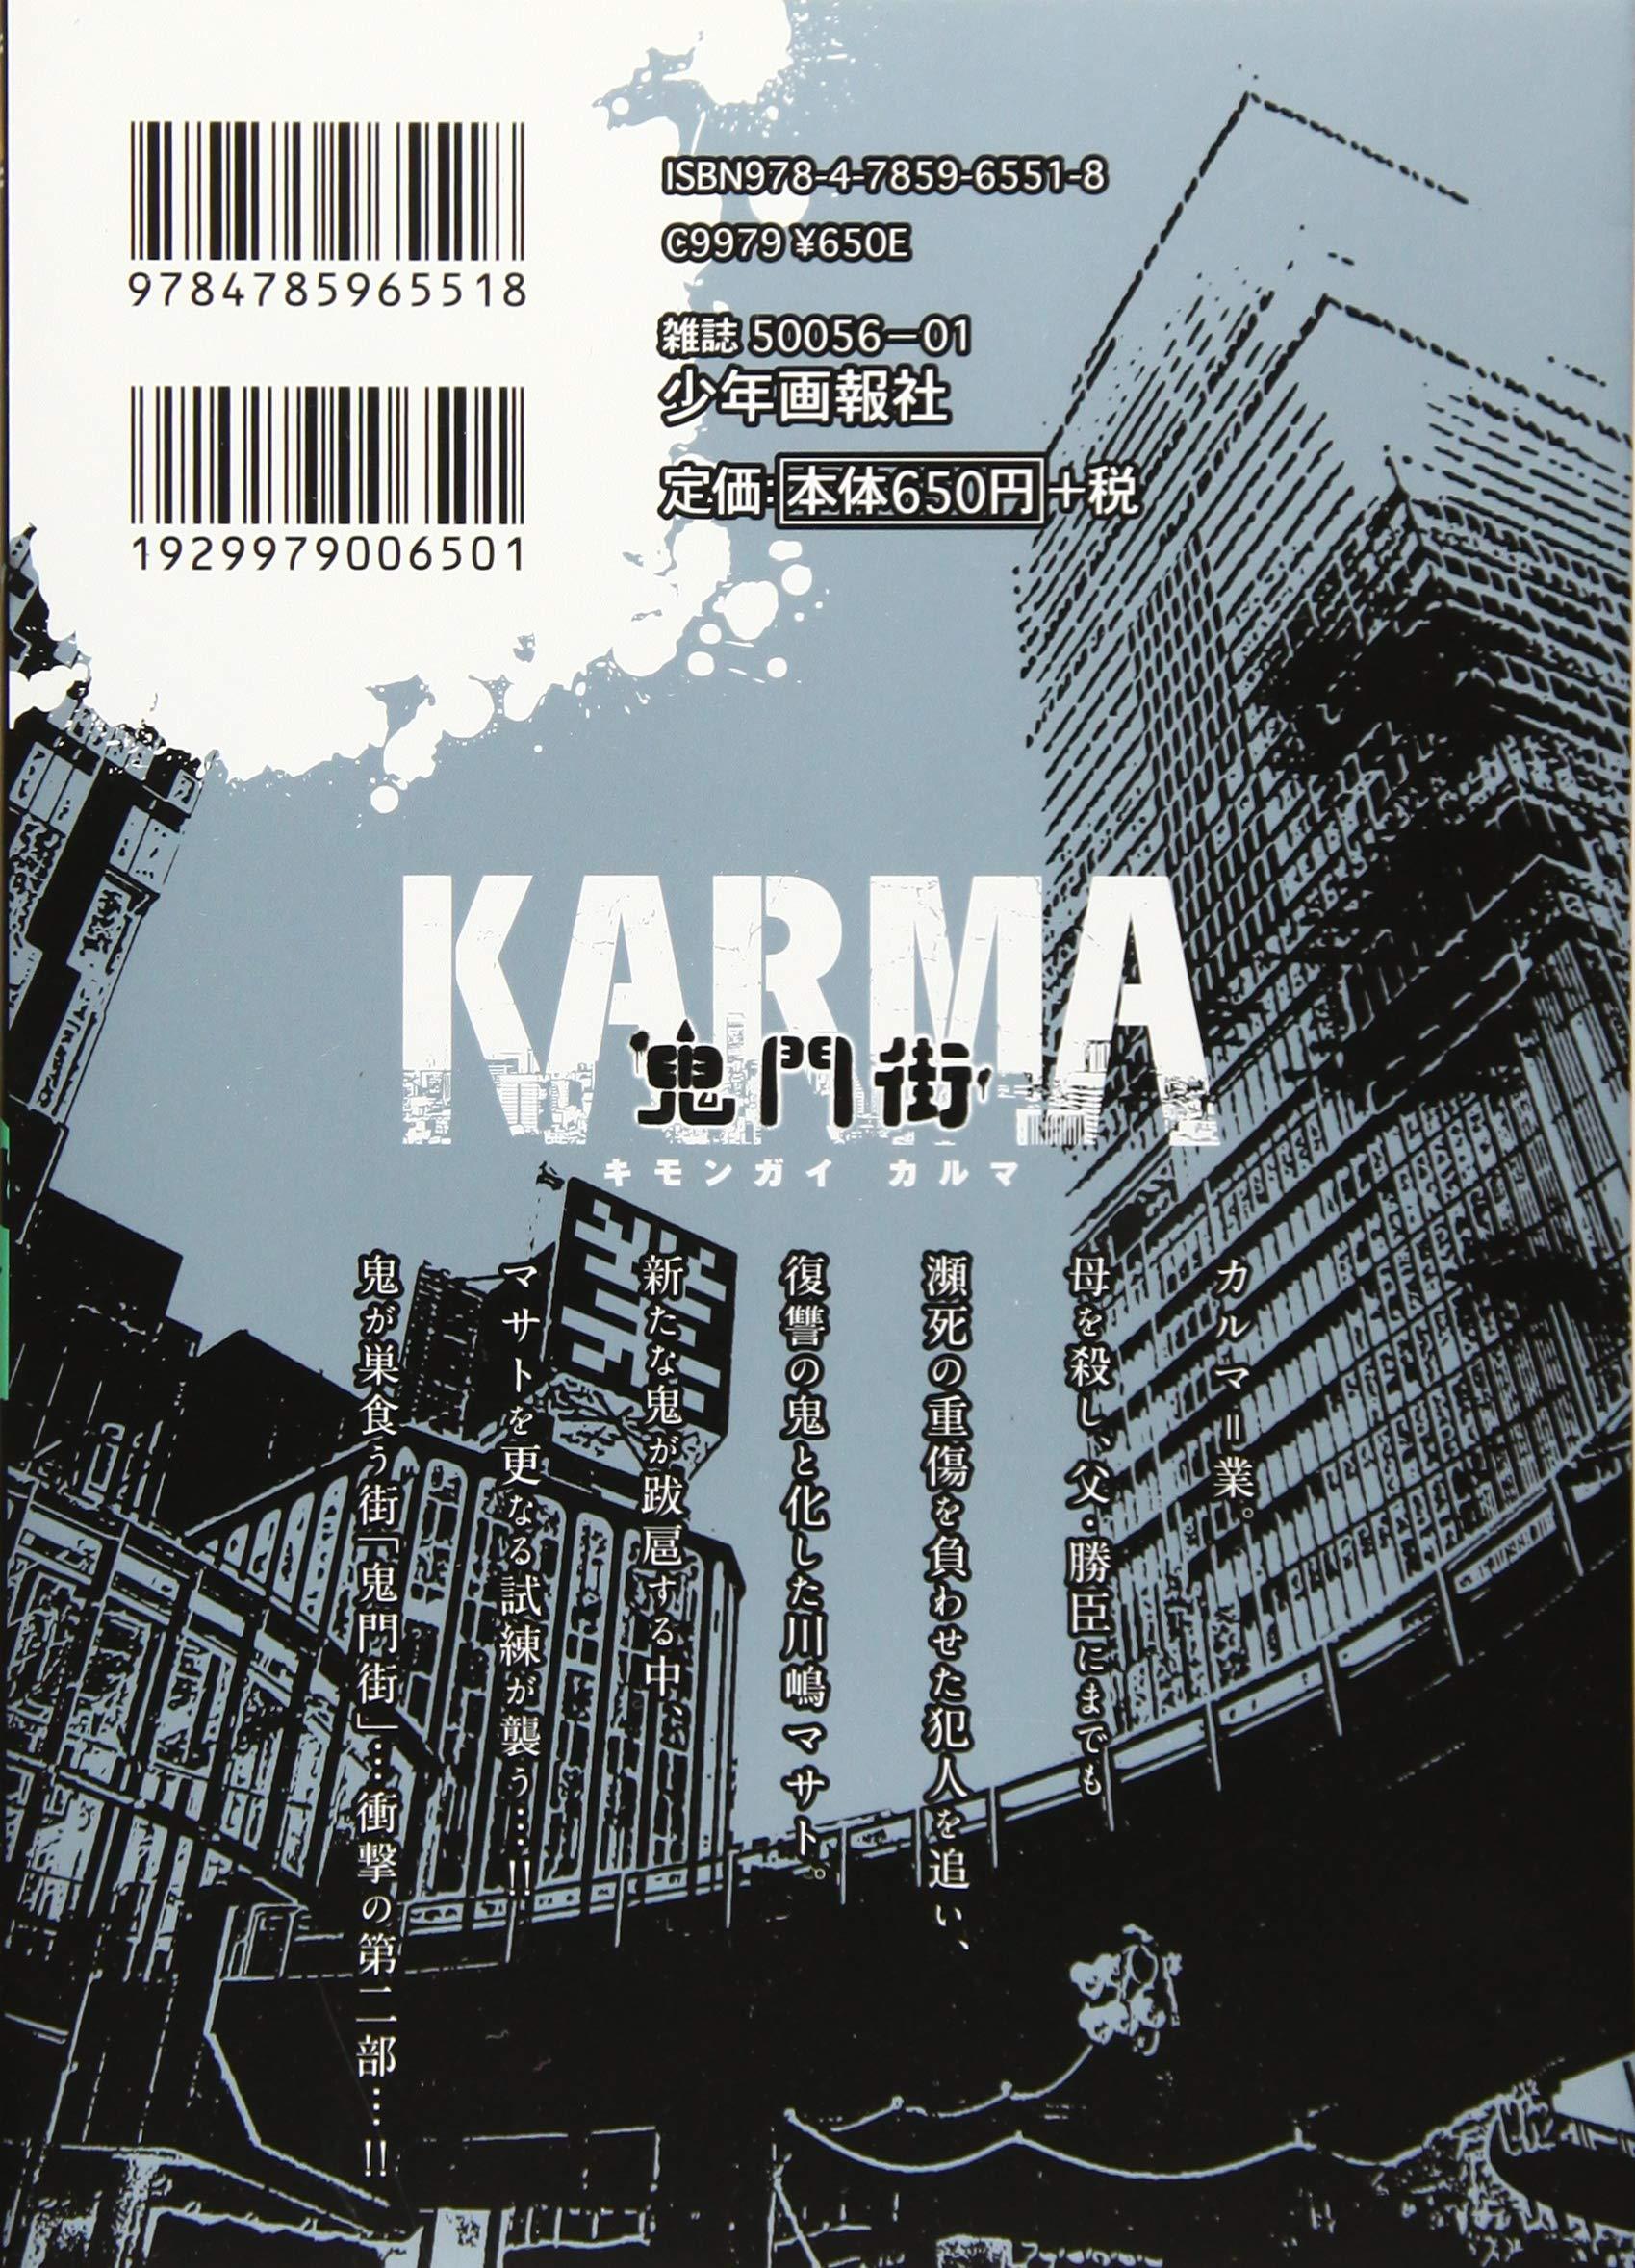 鬼門 街 karma 【鬼門街カルマ-KARMA最新刊5巻】ネタバレ!ウサギ男ついに登場、正体...